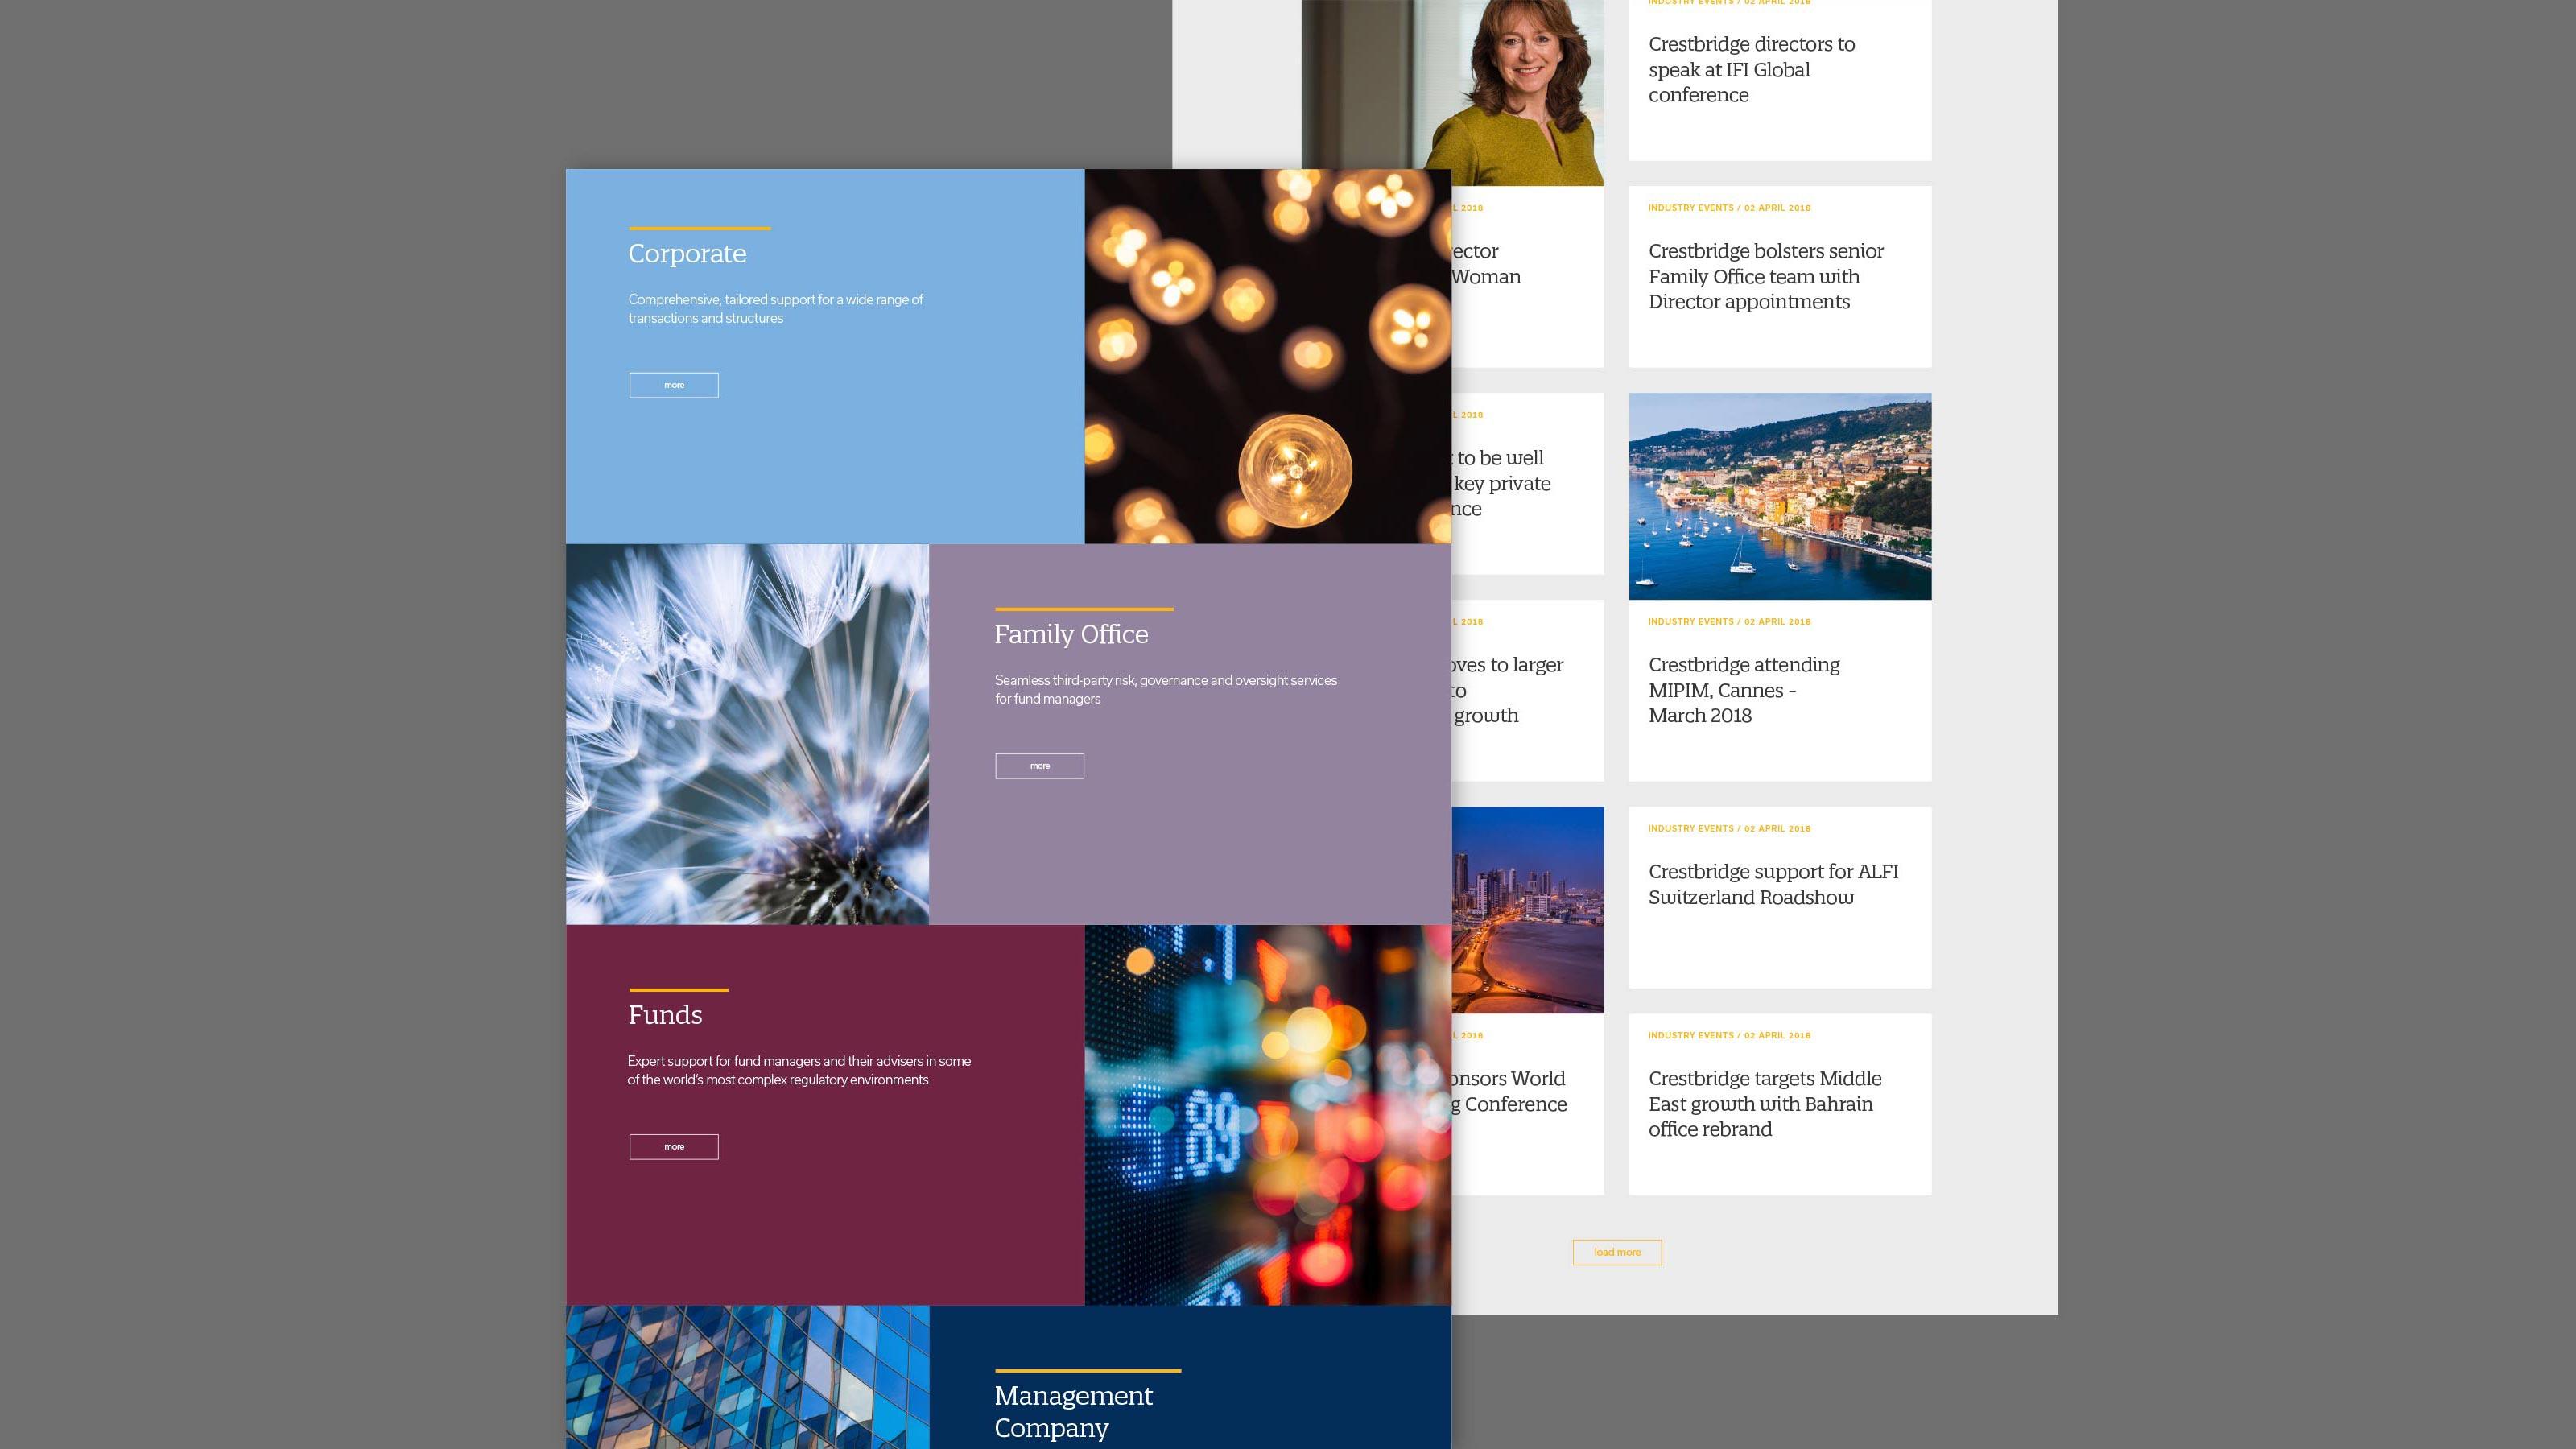 Digital_web_design_Crestbridge